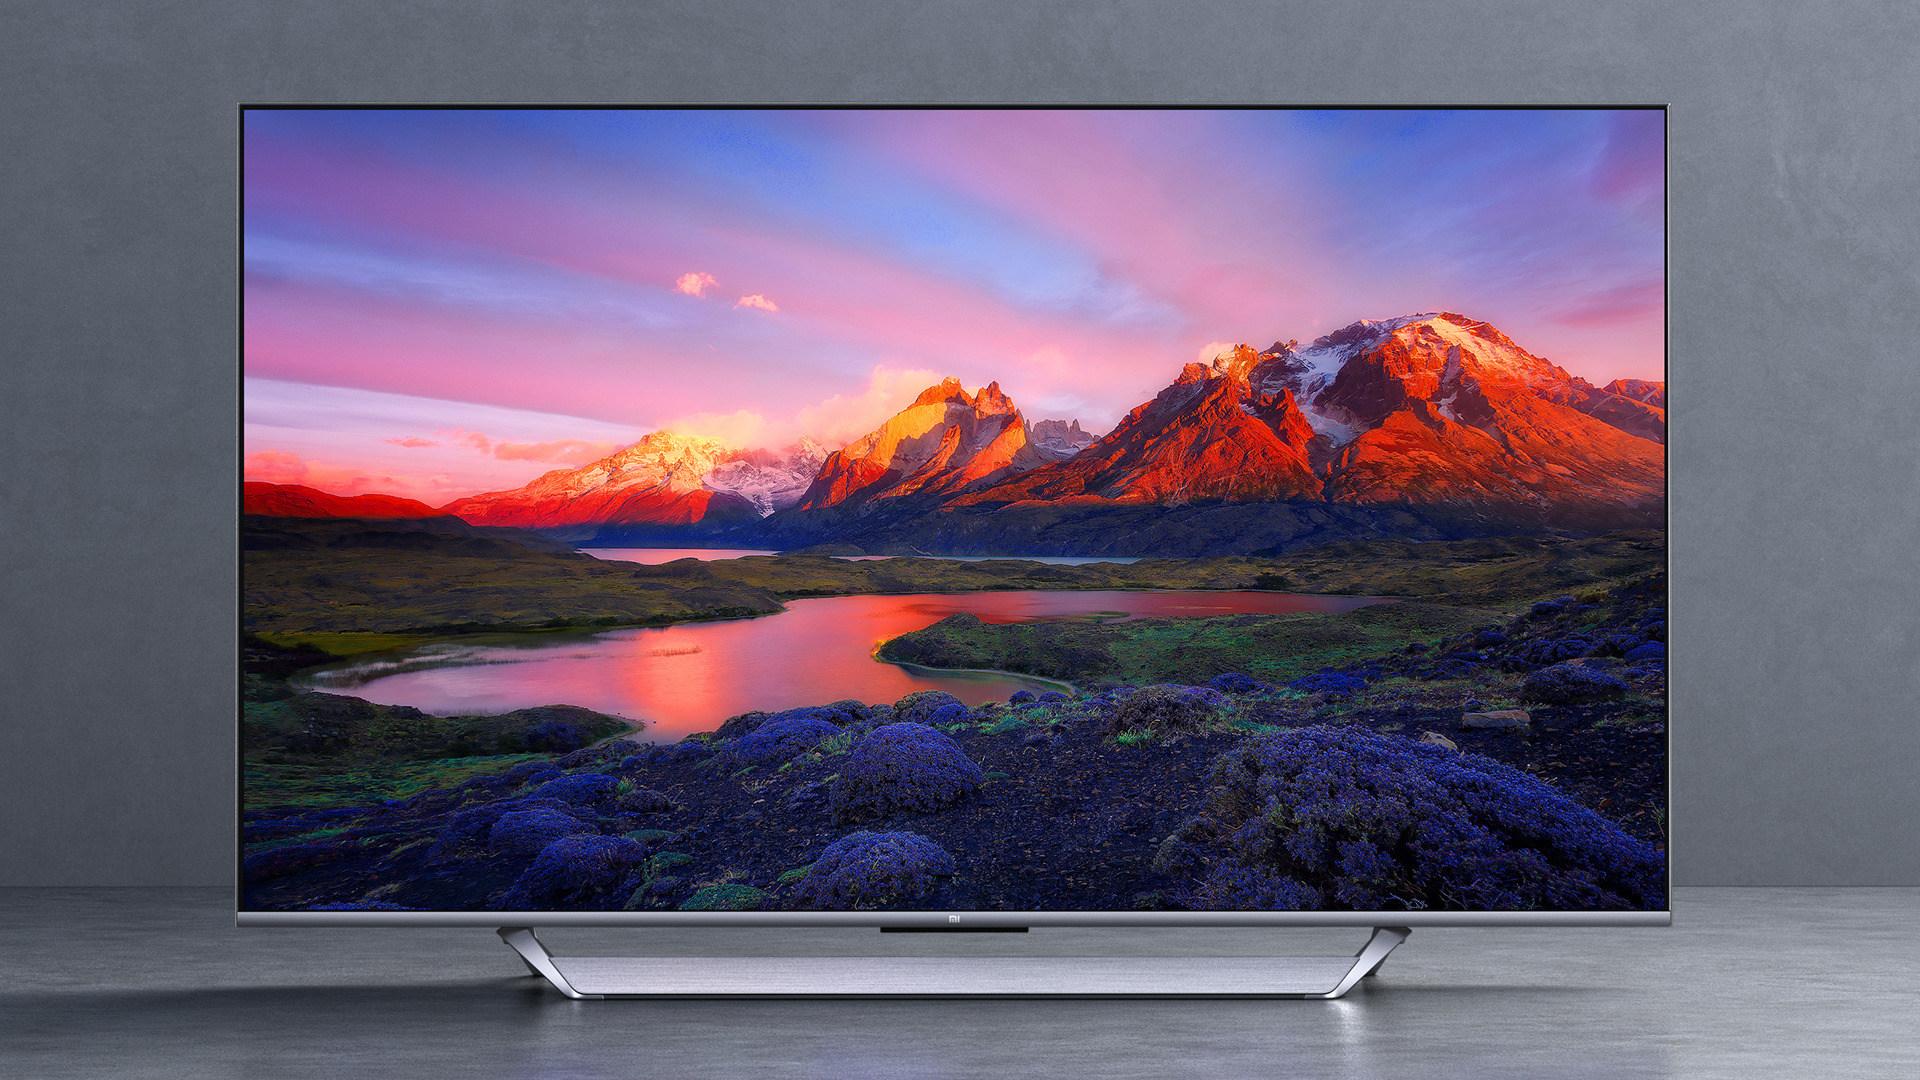 Tv, Fernseher, Xiaomi, 4K, Ultra HD, UHD, Smart-TV, UltraHD, Mi TV Q1, 75 Zoll, Android TV 10